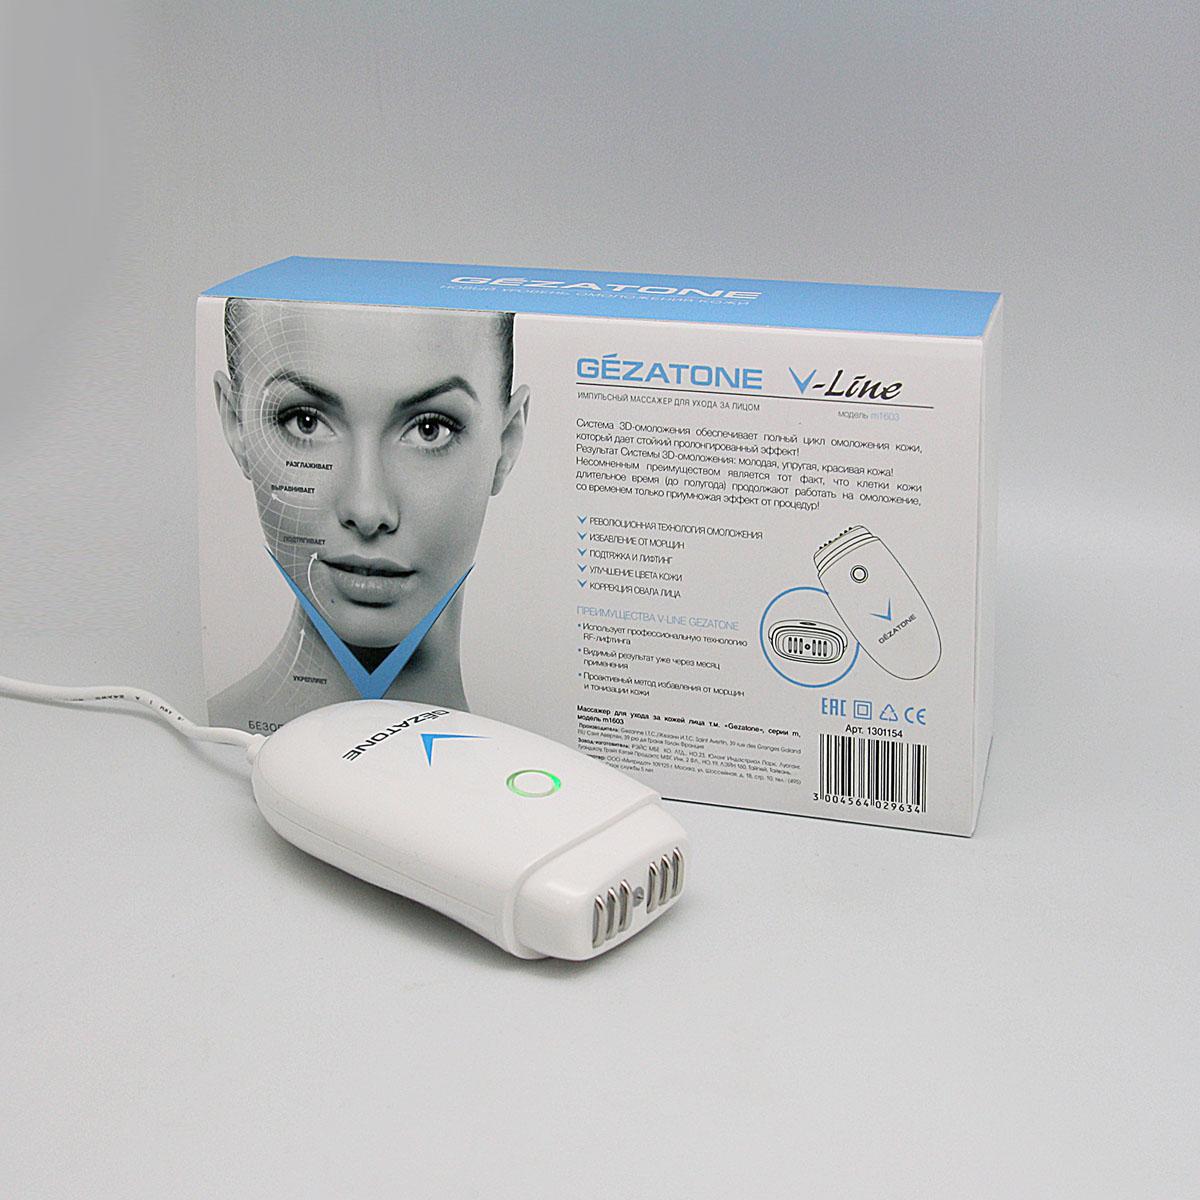 Gezatone Массажер RF Lifting для ухода за кожей лица m16031301154Трехмерное омоложение кожи и стимуляция выработки собственного коллагена и эластина в домашних условиях с помощью высокочастотных радиоволн. Максимально эффективная, безопасная и доступная технология! Входное напряжение 220-240 В переменного тока. Размеры 120 мм, 57 мм, 29 мм. Частота колебаний (RF) 1 МГц. Блок питания 220-240 В, 50/60 Гц. Выходное напряжение/Ток 5 В/1 А. Длина кабеля USB около 90см. Номинальное напряжение 3, 7 В/900 мА. Используемая батарея: литиево-ионный аккумулятор. Время зарядки около 1-2 часа. Максимальное время использования при полном заряде батареи: можно использовать 30 мин. без перерыва. От сети 220В